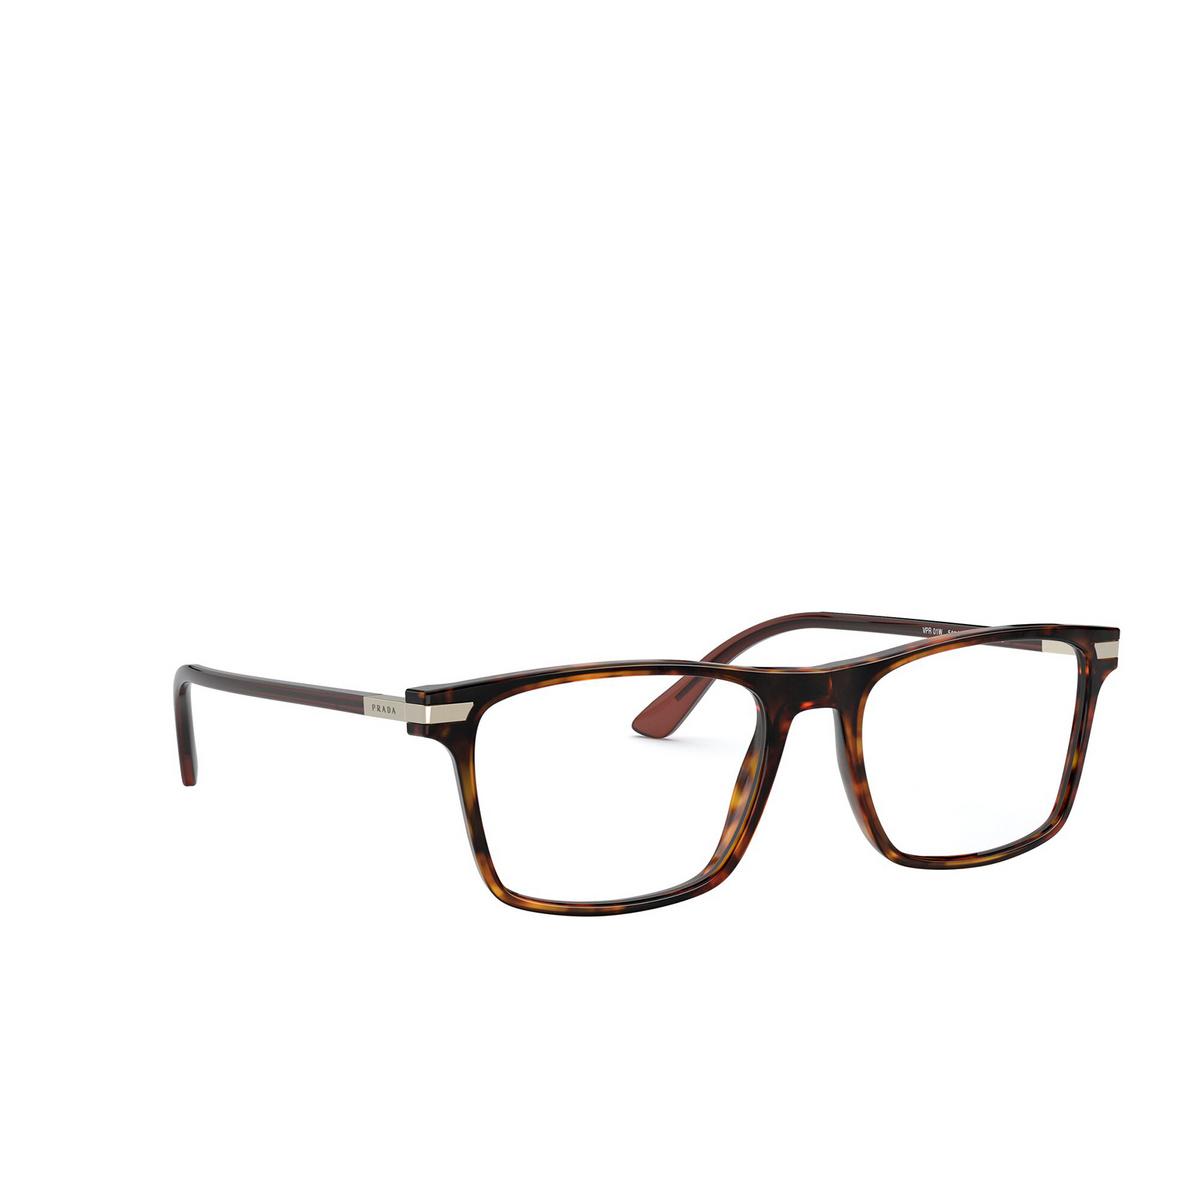 Prada® Rectangle Eyeglasses: PR 01WV color Havana 08F1O1 - three-quarters view.